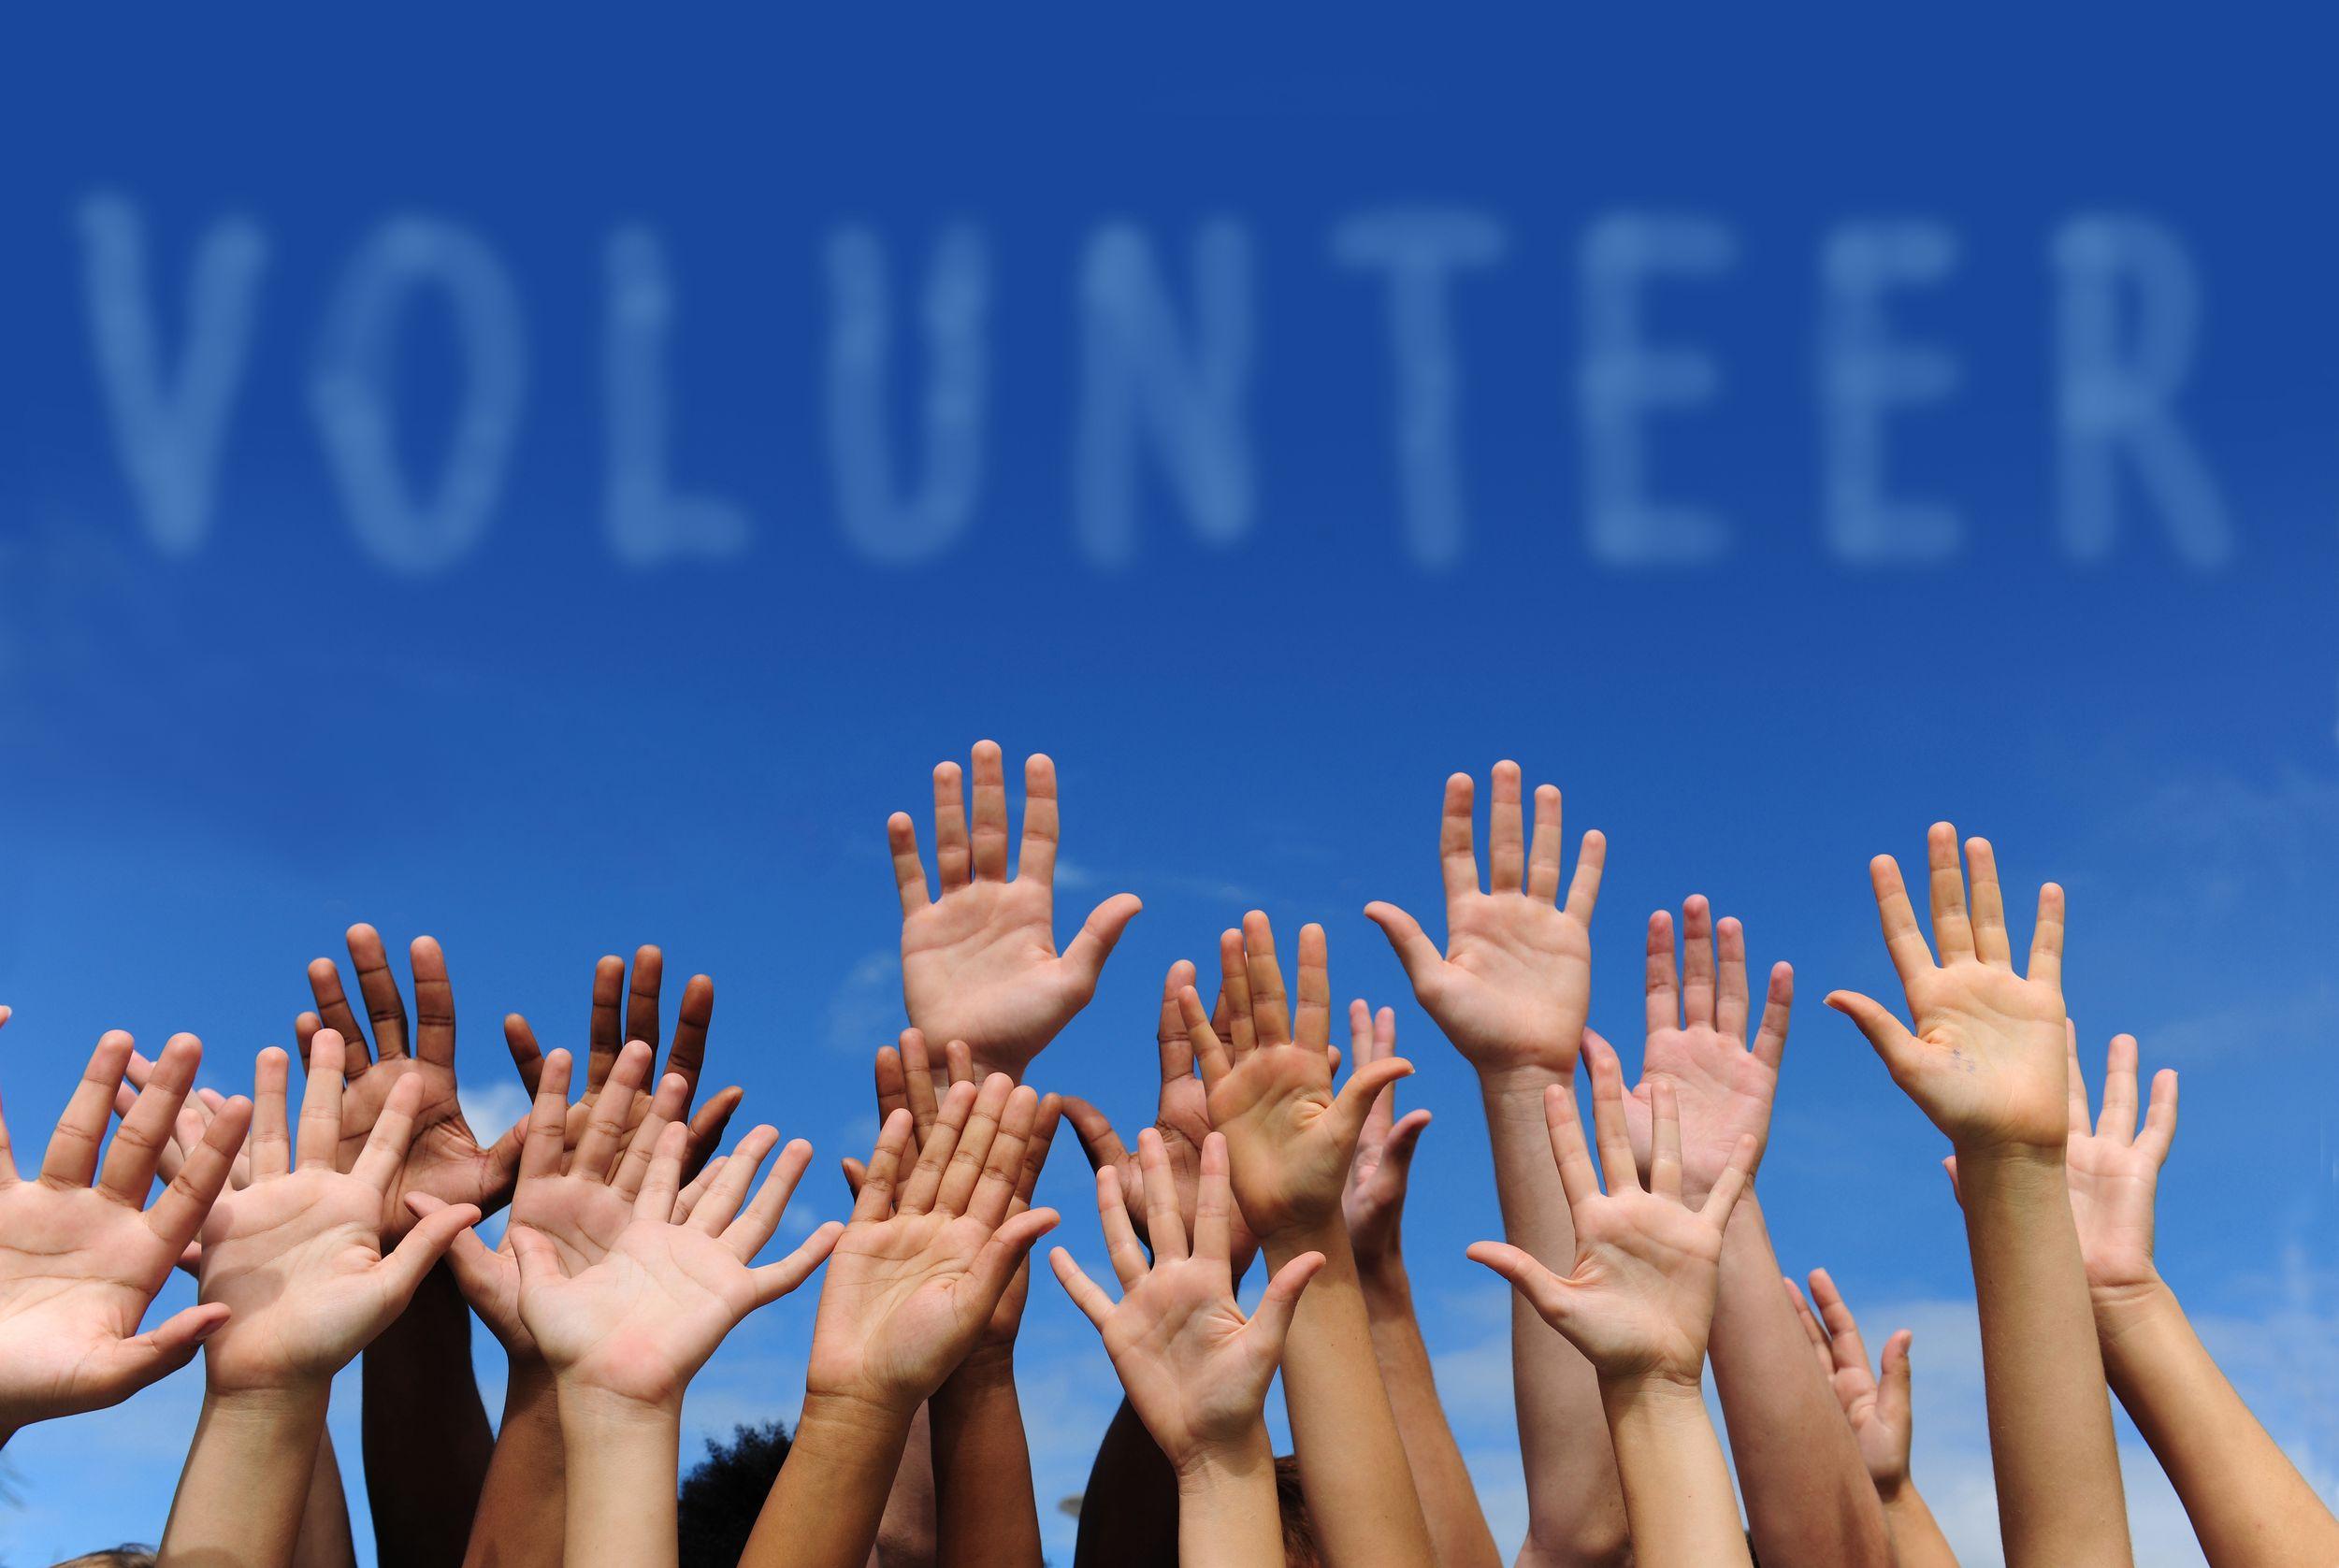 стать волонтером и путешествовать почти бесплатно